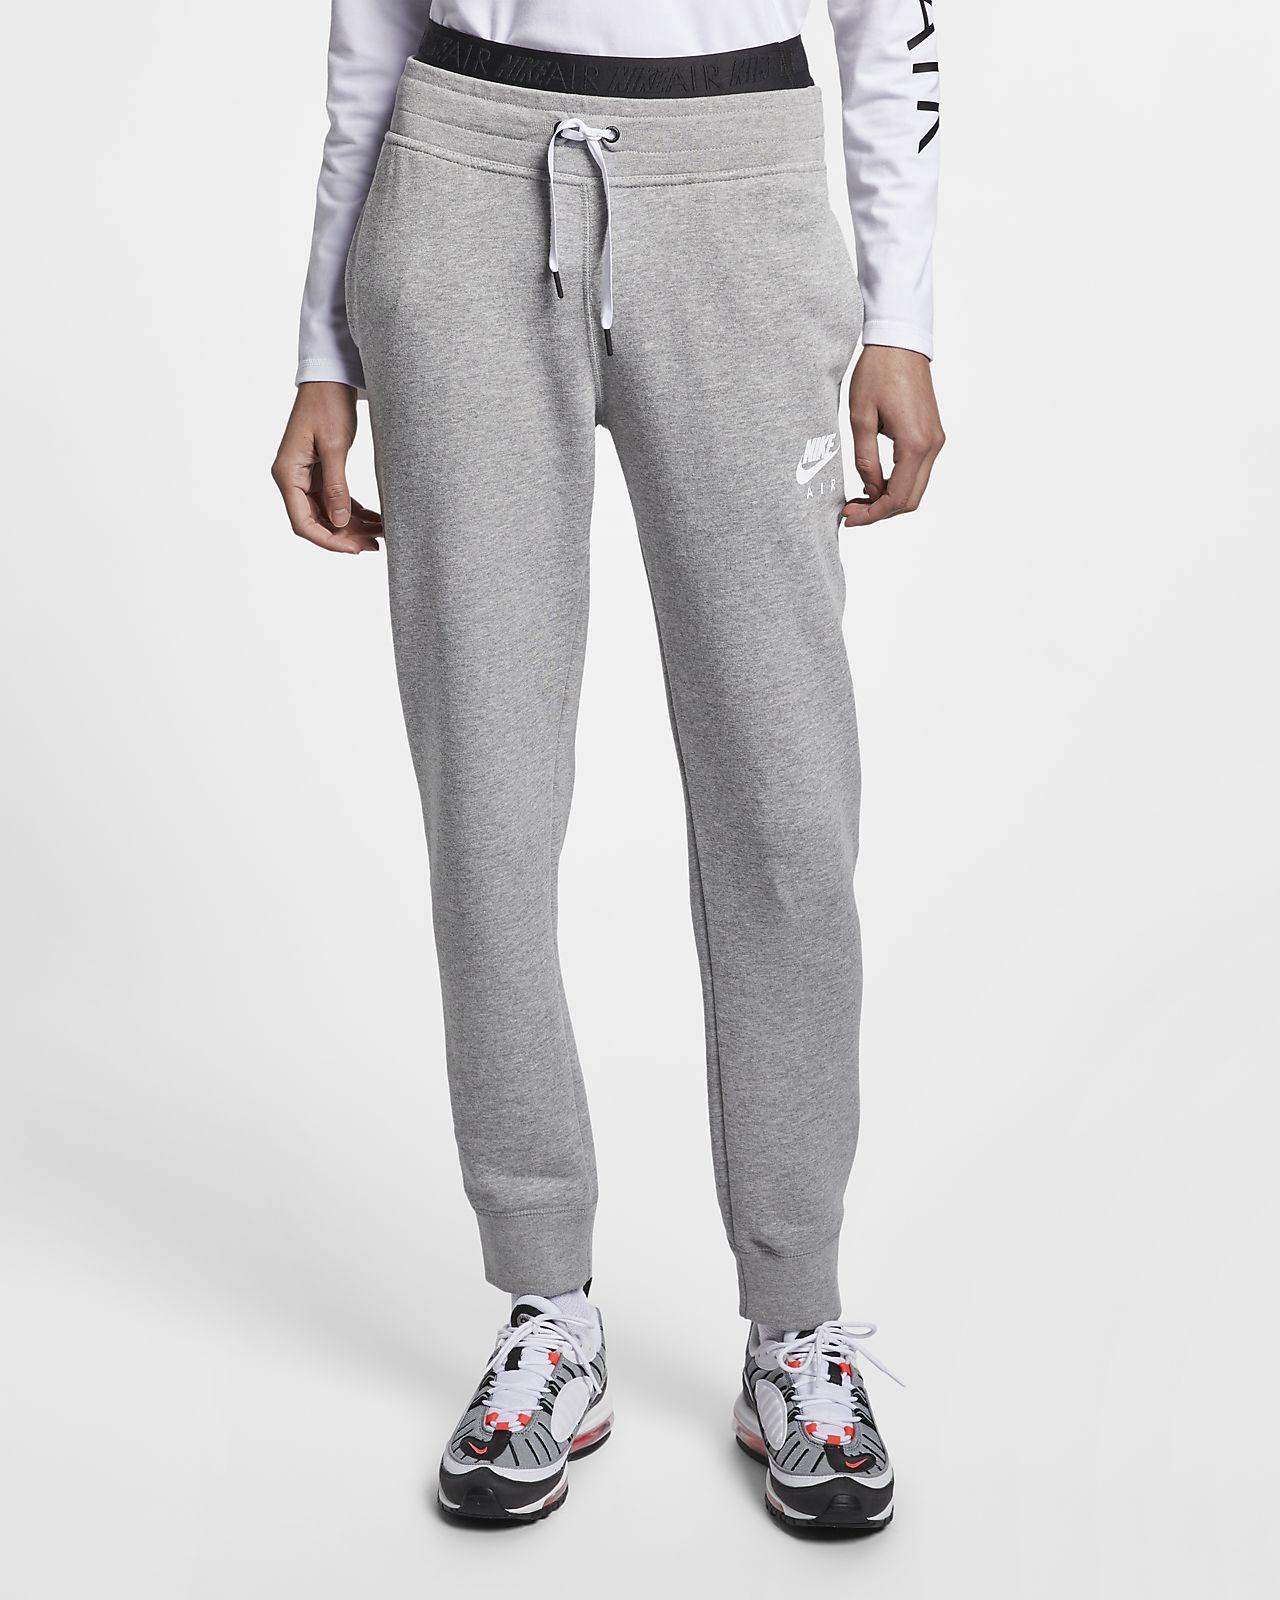 Nike Air Yünlü Kadın Eşofman Altı